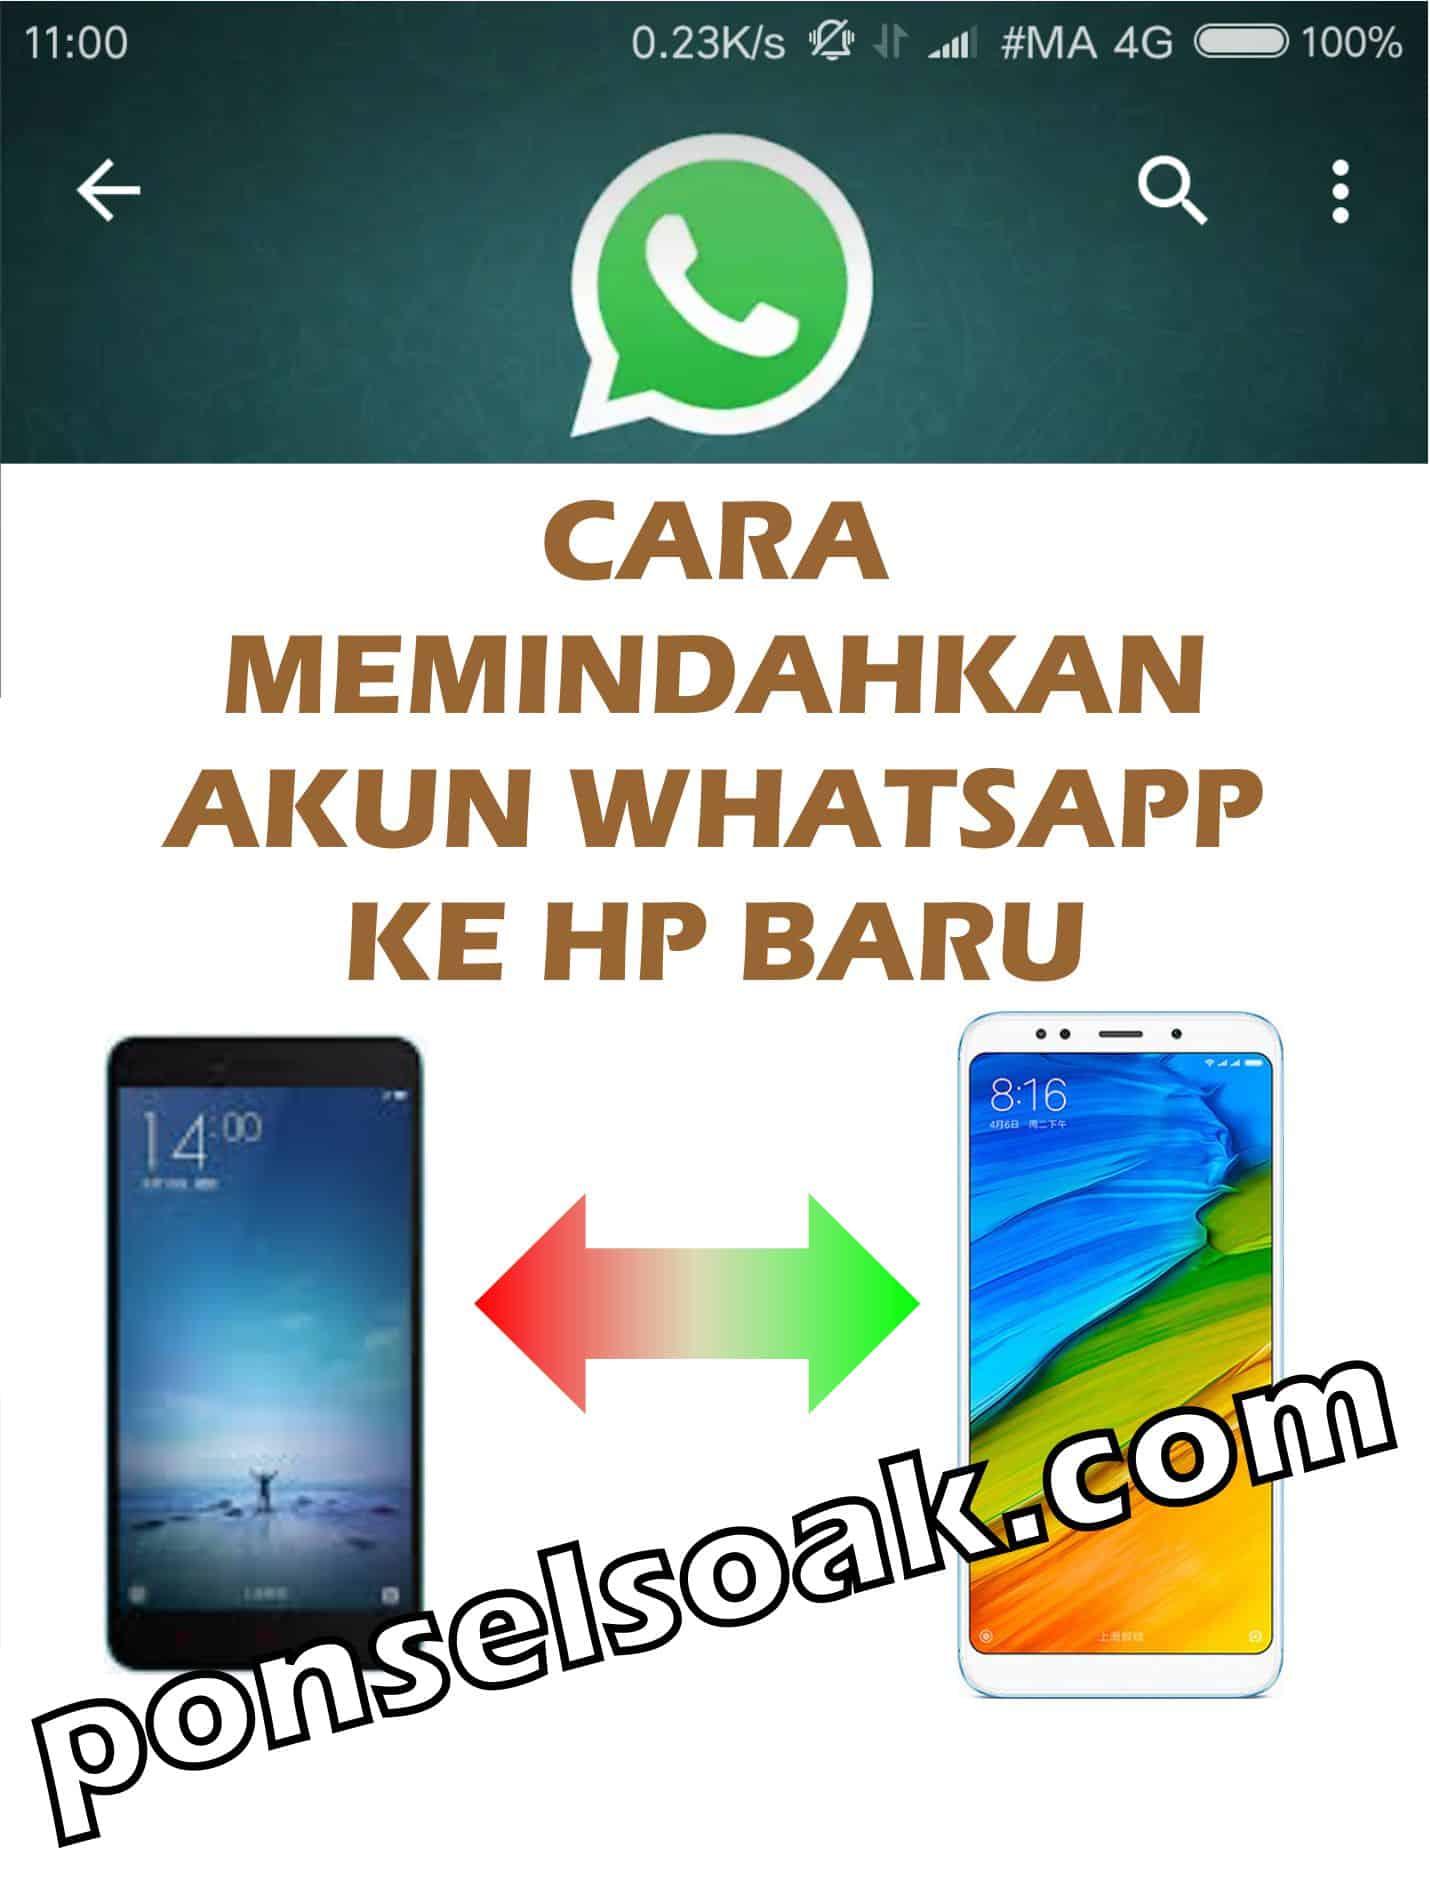 Memindahkan Akun Whatsapp ke HP Baru